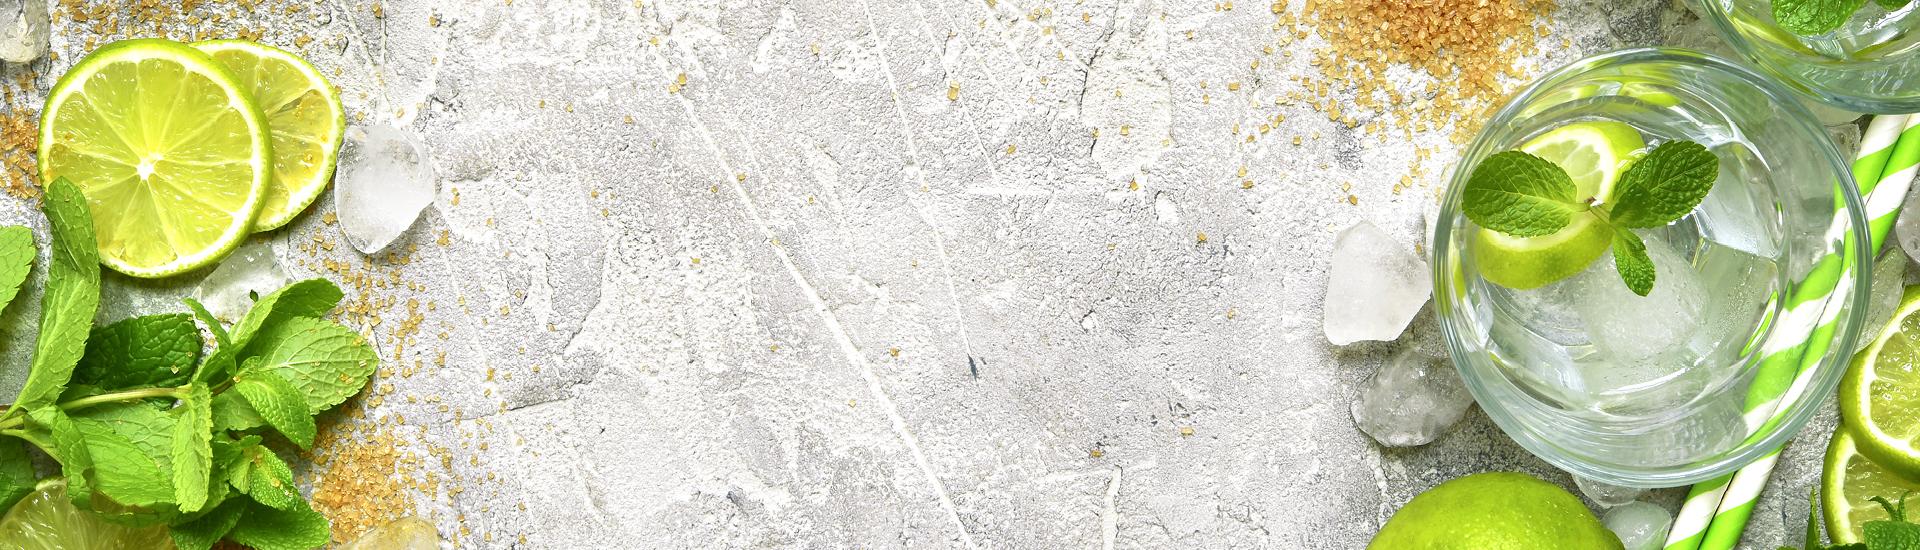 1 Fl. Gin Mare 0,7 l GRATIS ab einem Bestellwert von 299,-! 01/2020 - Slider